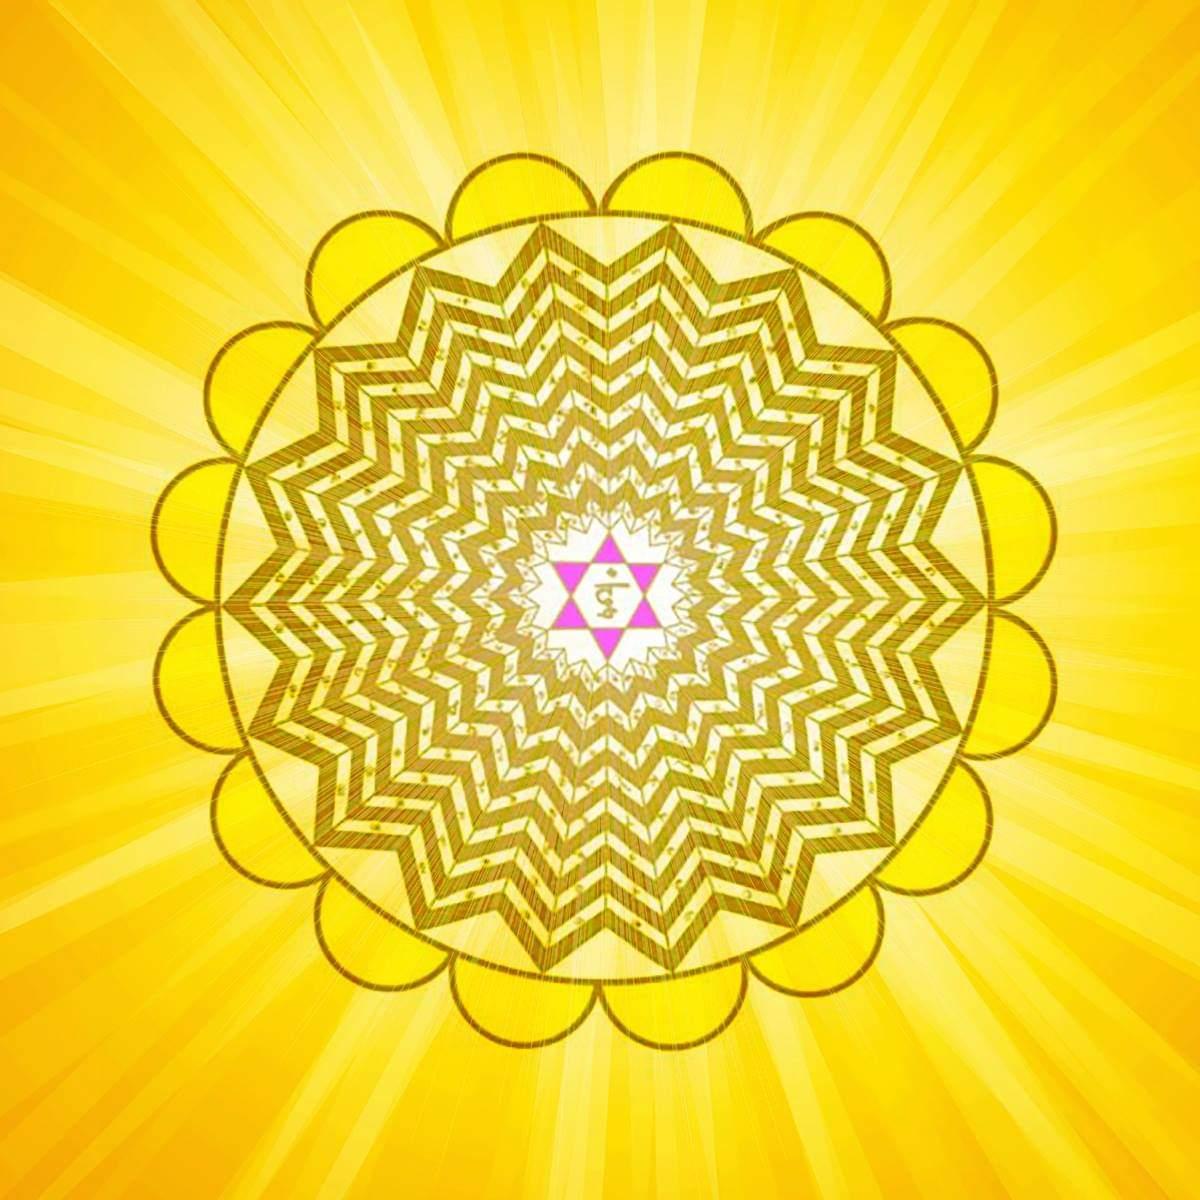 Lightning Shield Meditation